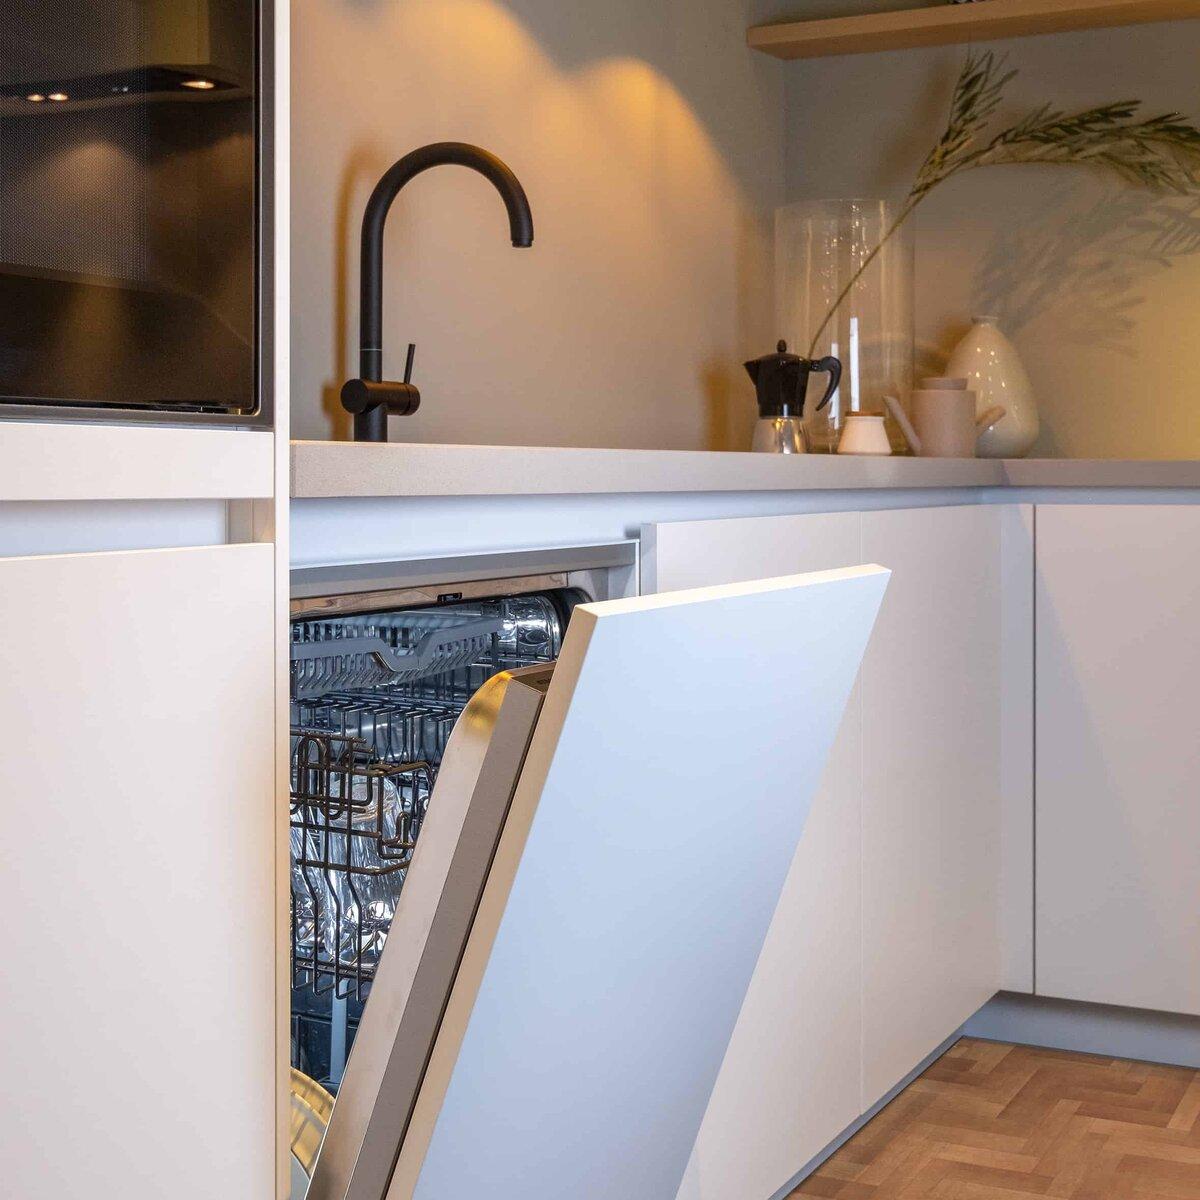 Witte keuken met zwarte keukenkraan